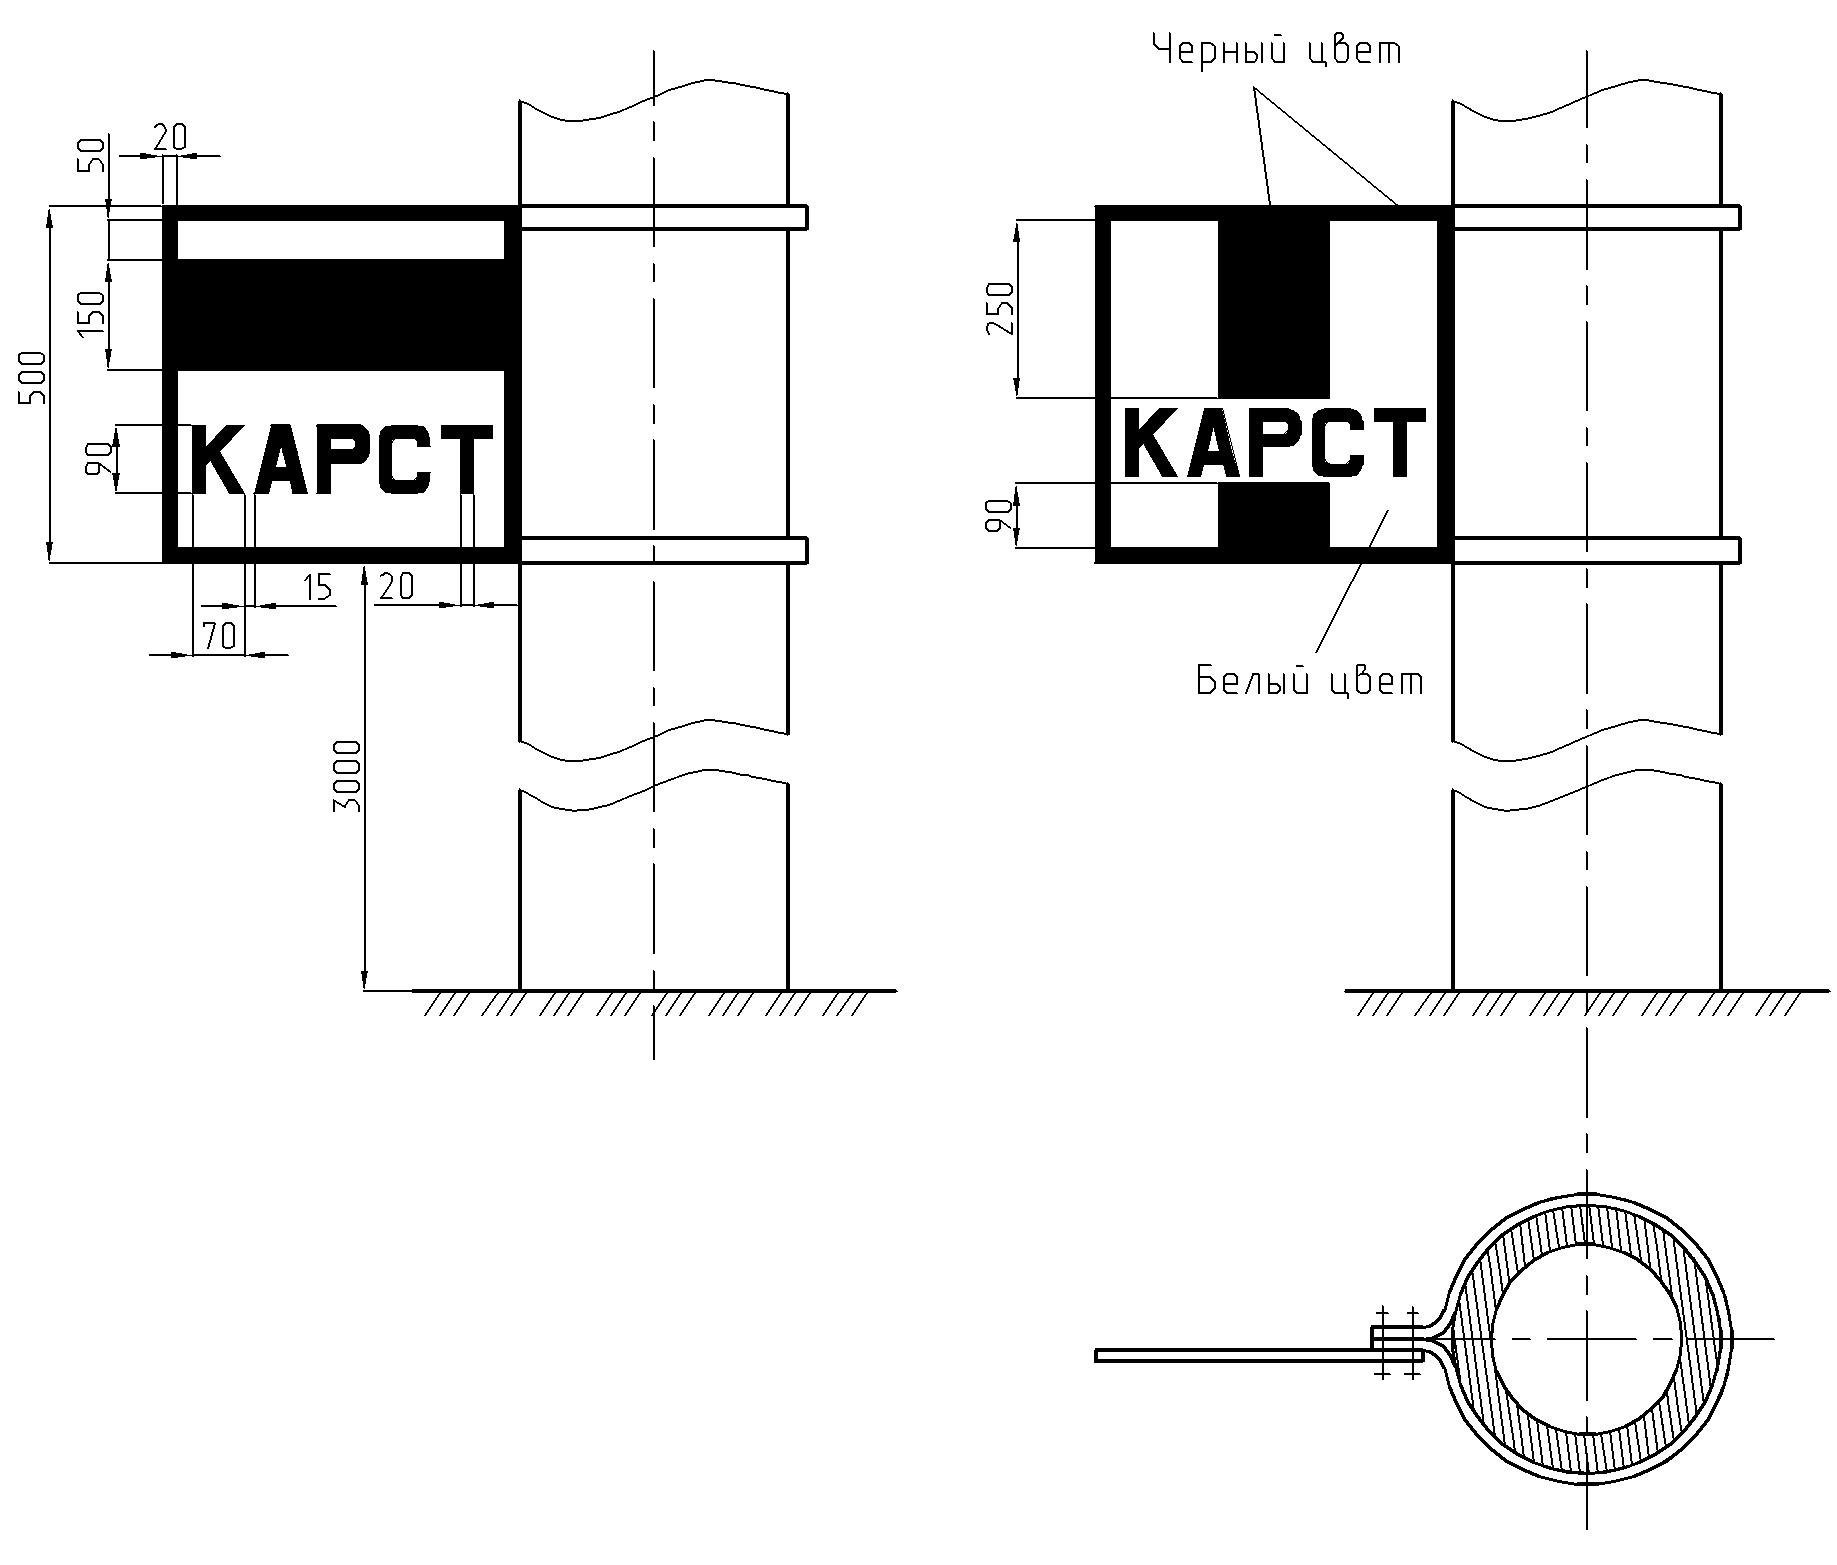 Рисунок 12. Постоянные сигнальные знаки «Начало карстоопасного участка» и «Конец карстоопасного участка»